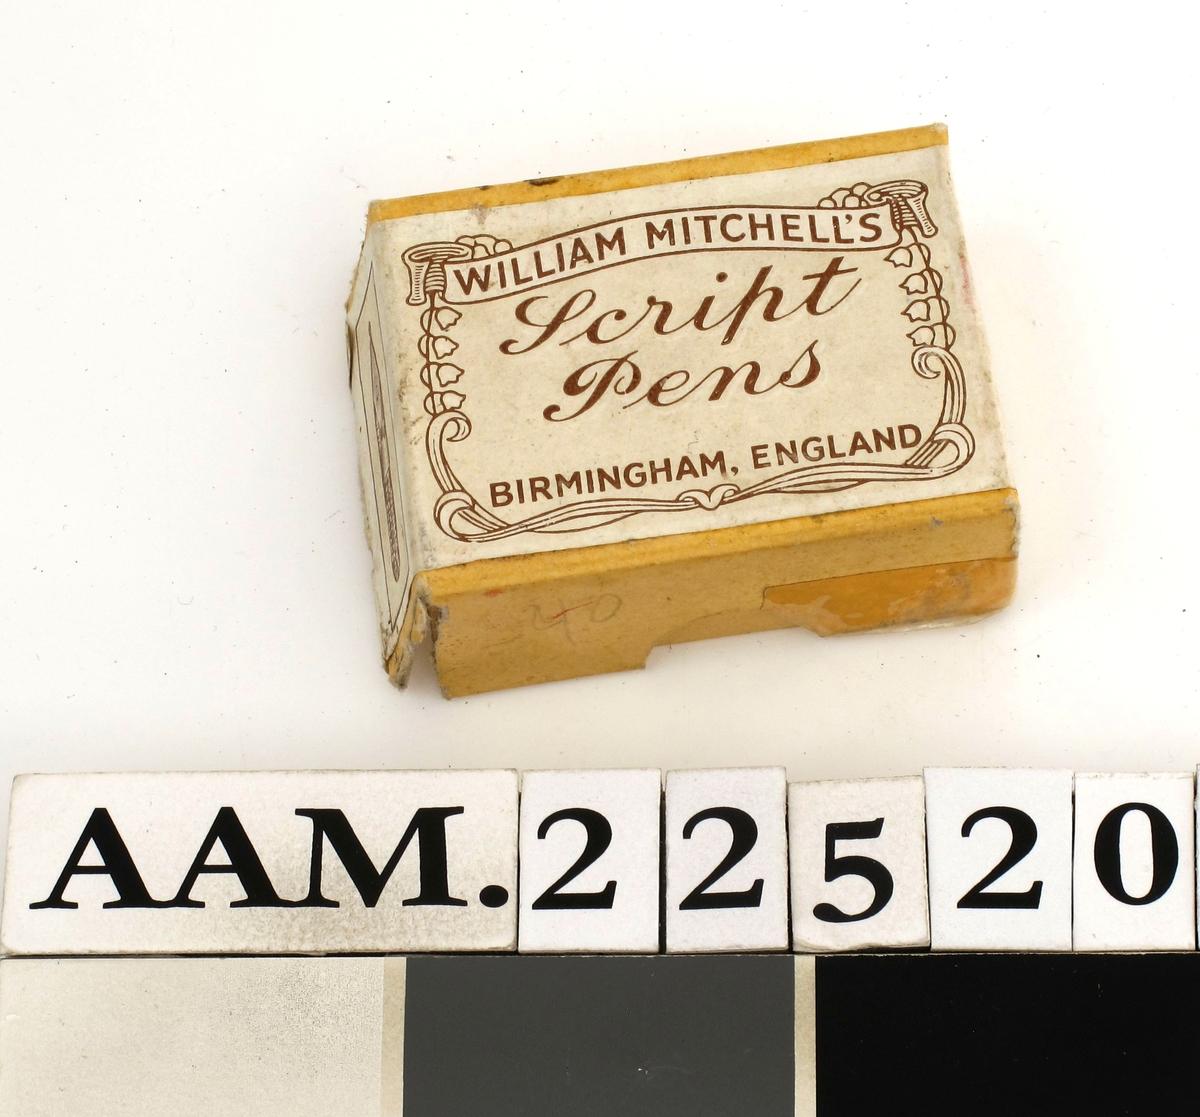 Pennesplitter i en eske. Papiretikett med design i jugend.  Eske fyllt av penner, de fleste  stål, noen messing. På lokket av den gule eske er en hvit etikett med brun tekst.  Etikett også på undersiden.